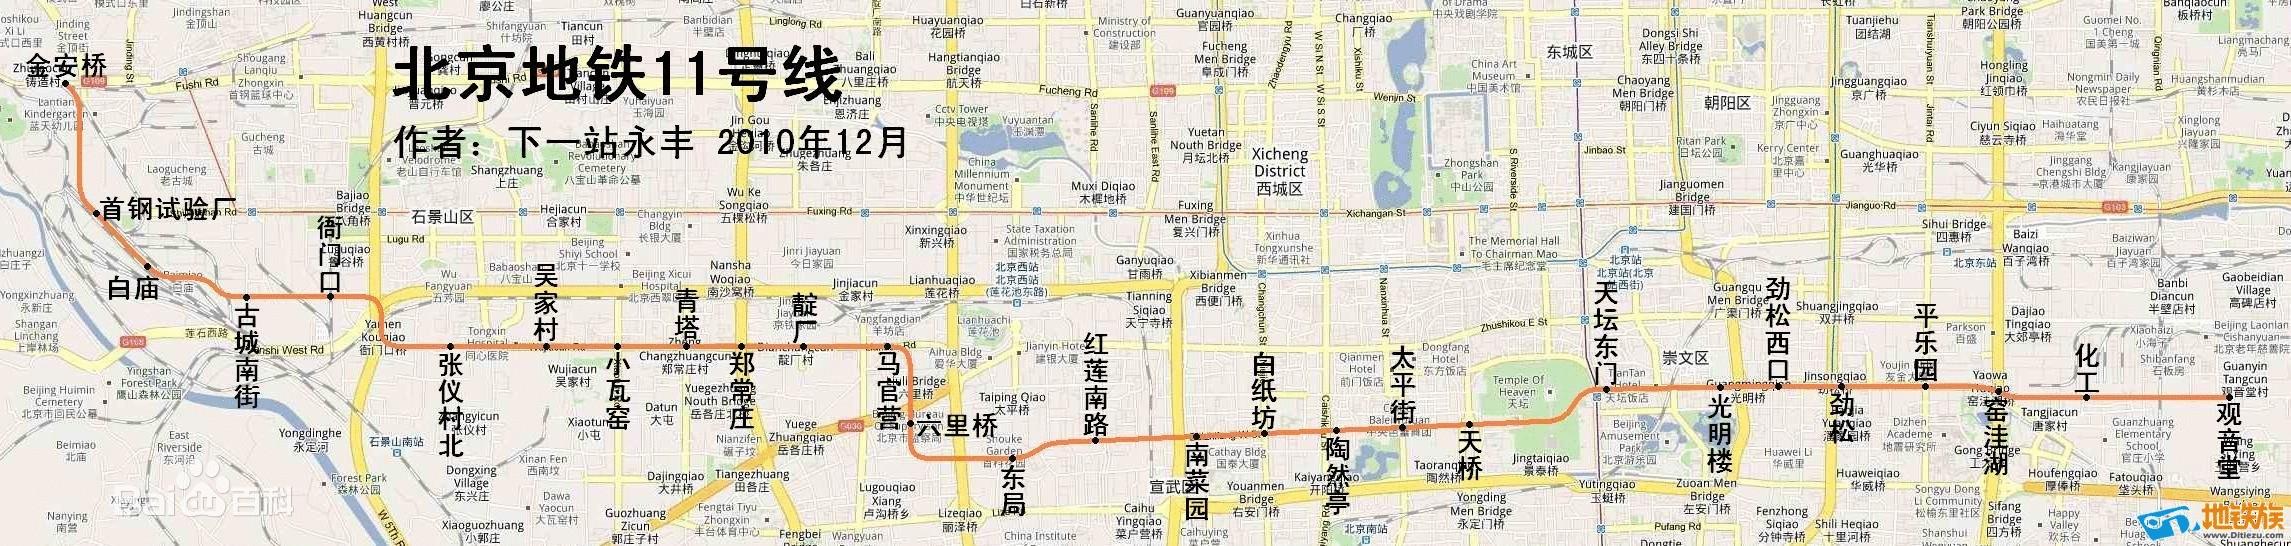 北京地铁16号线规划图北京16号线地铁线路图地铁16号线首末车时间图片